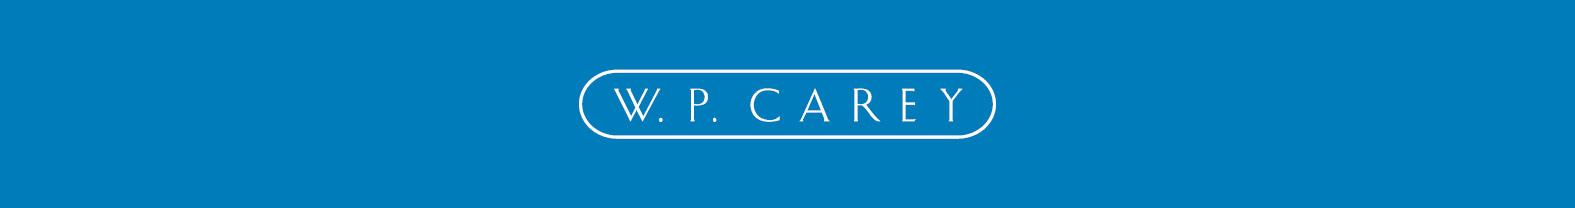 W. P. Carey Vendor Diversity Survey Banner